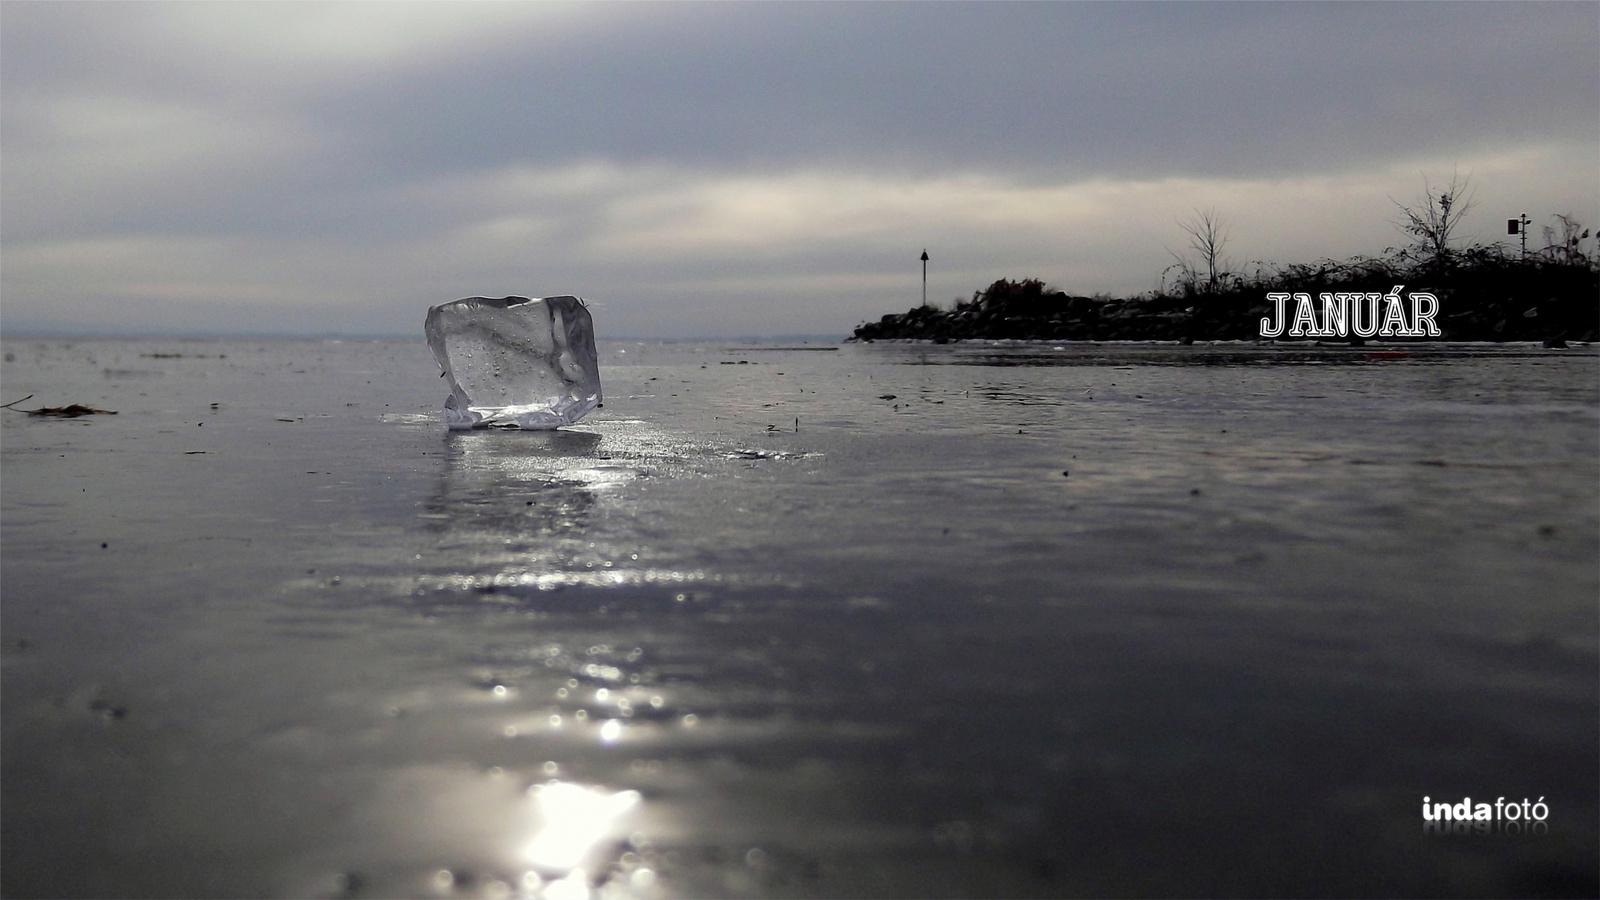 jégkocka januárra